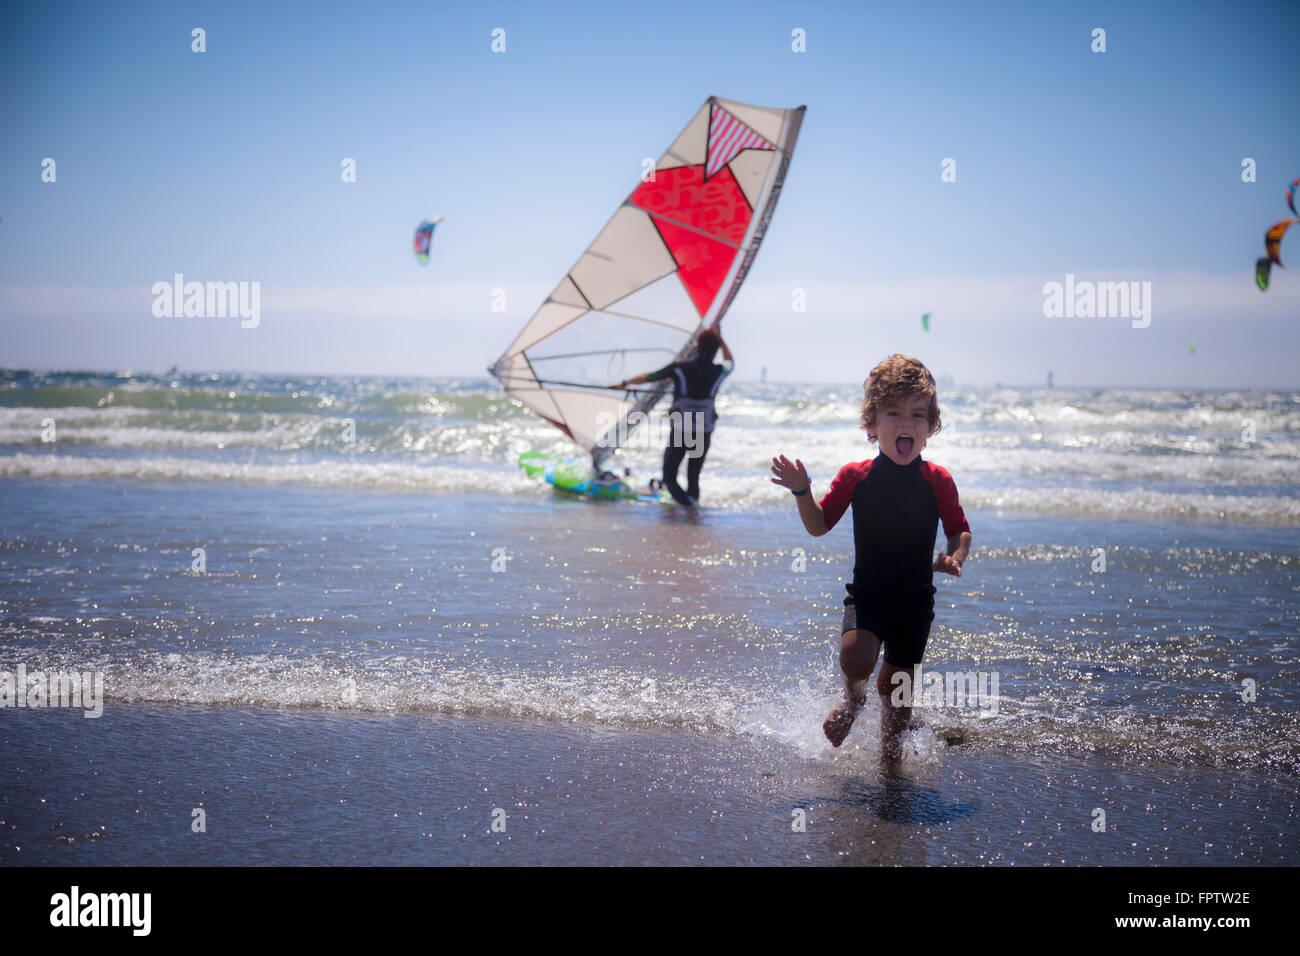 Piccolo bambino correre sulla spiaggia e padre in background di Viana do Castelo, Regione Norte, Portogallo Immagini Stock